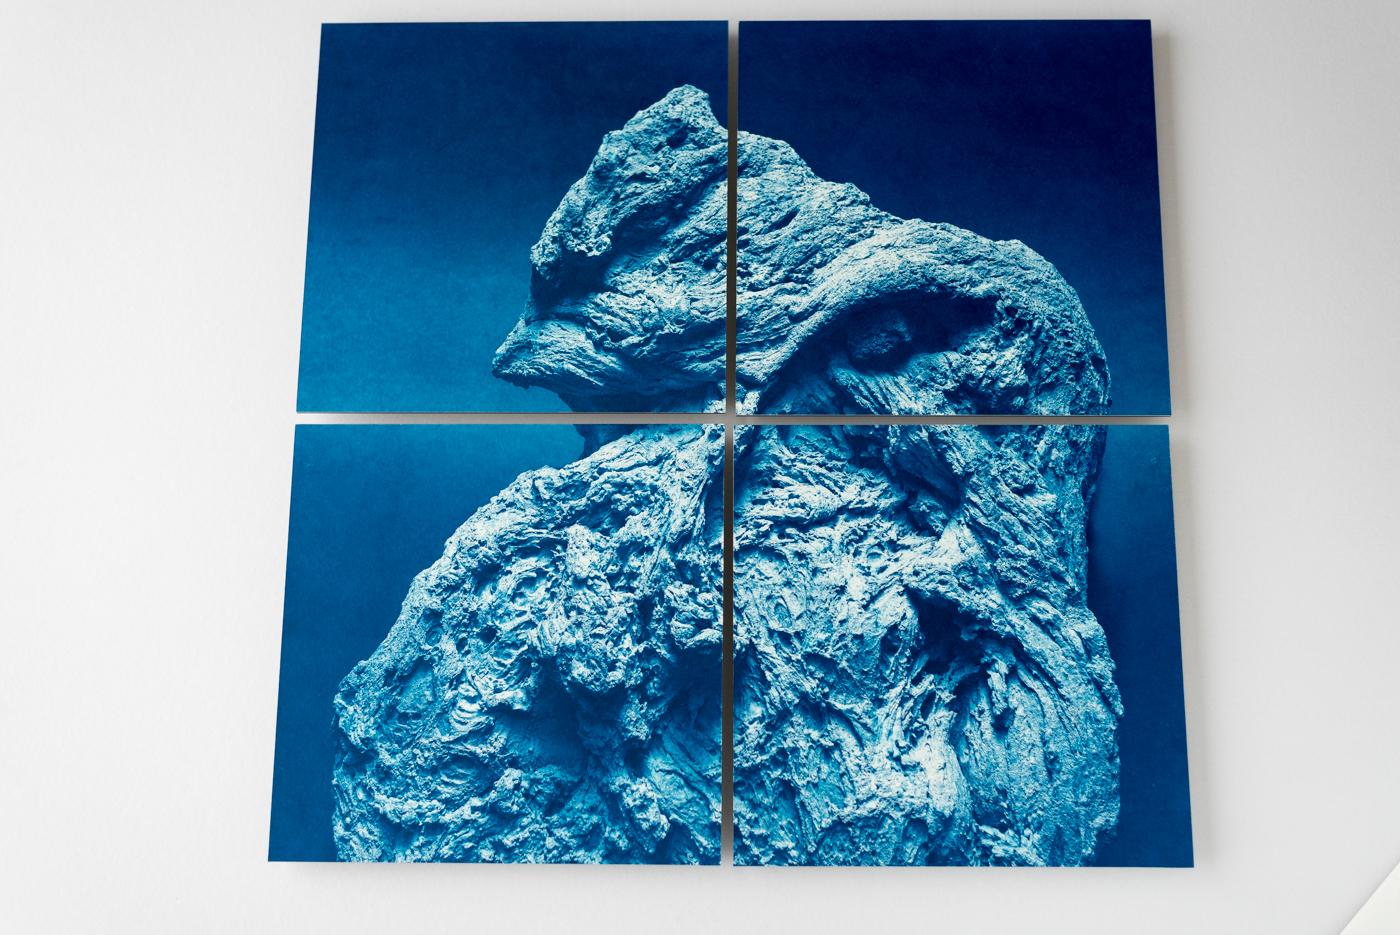 Rock cyanotype display